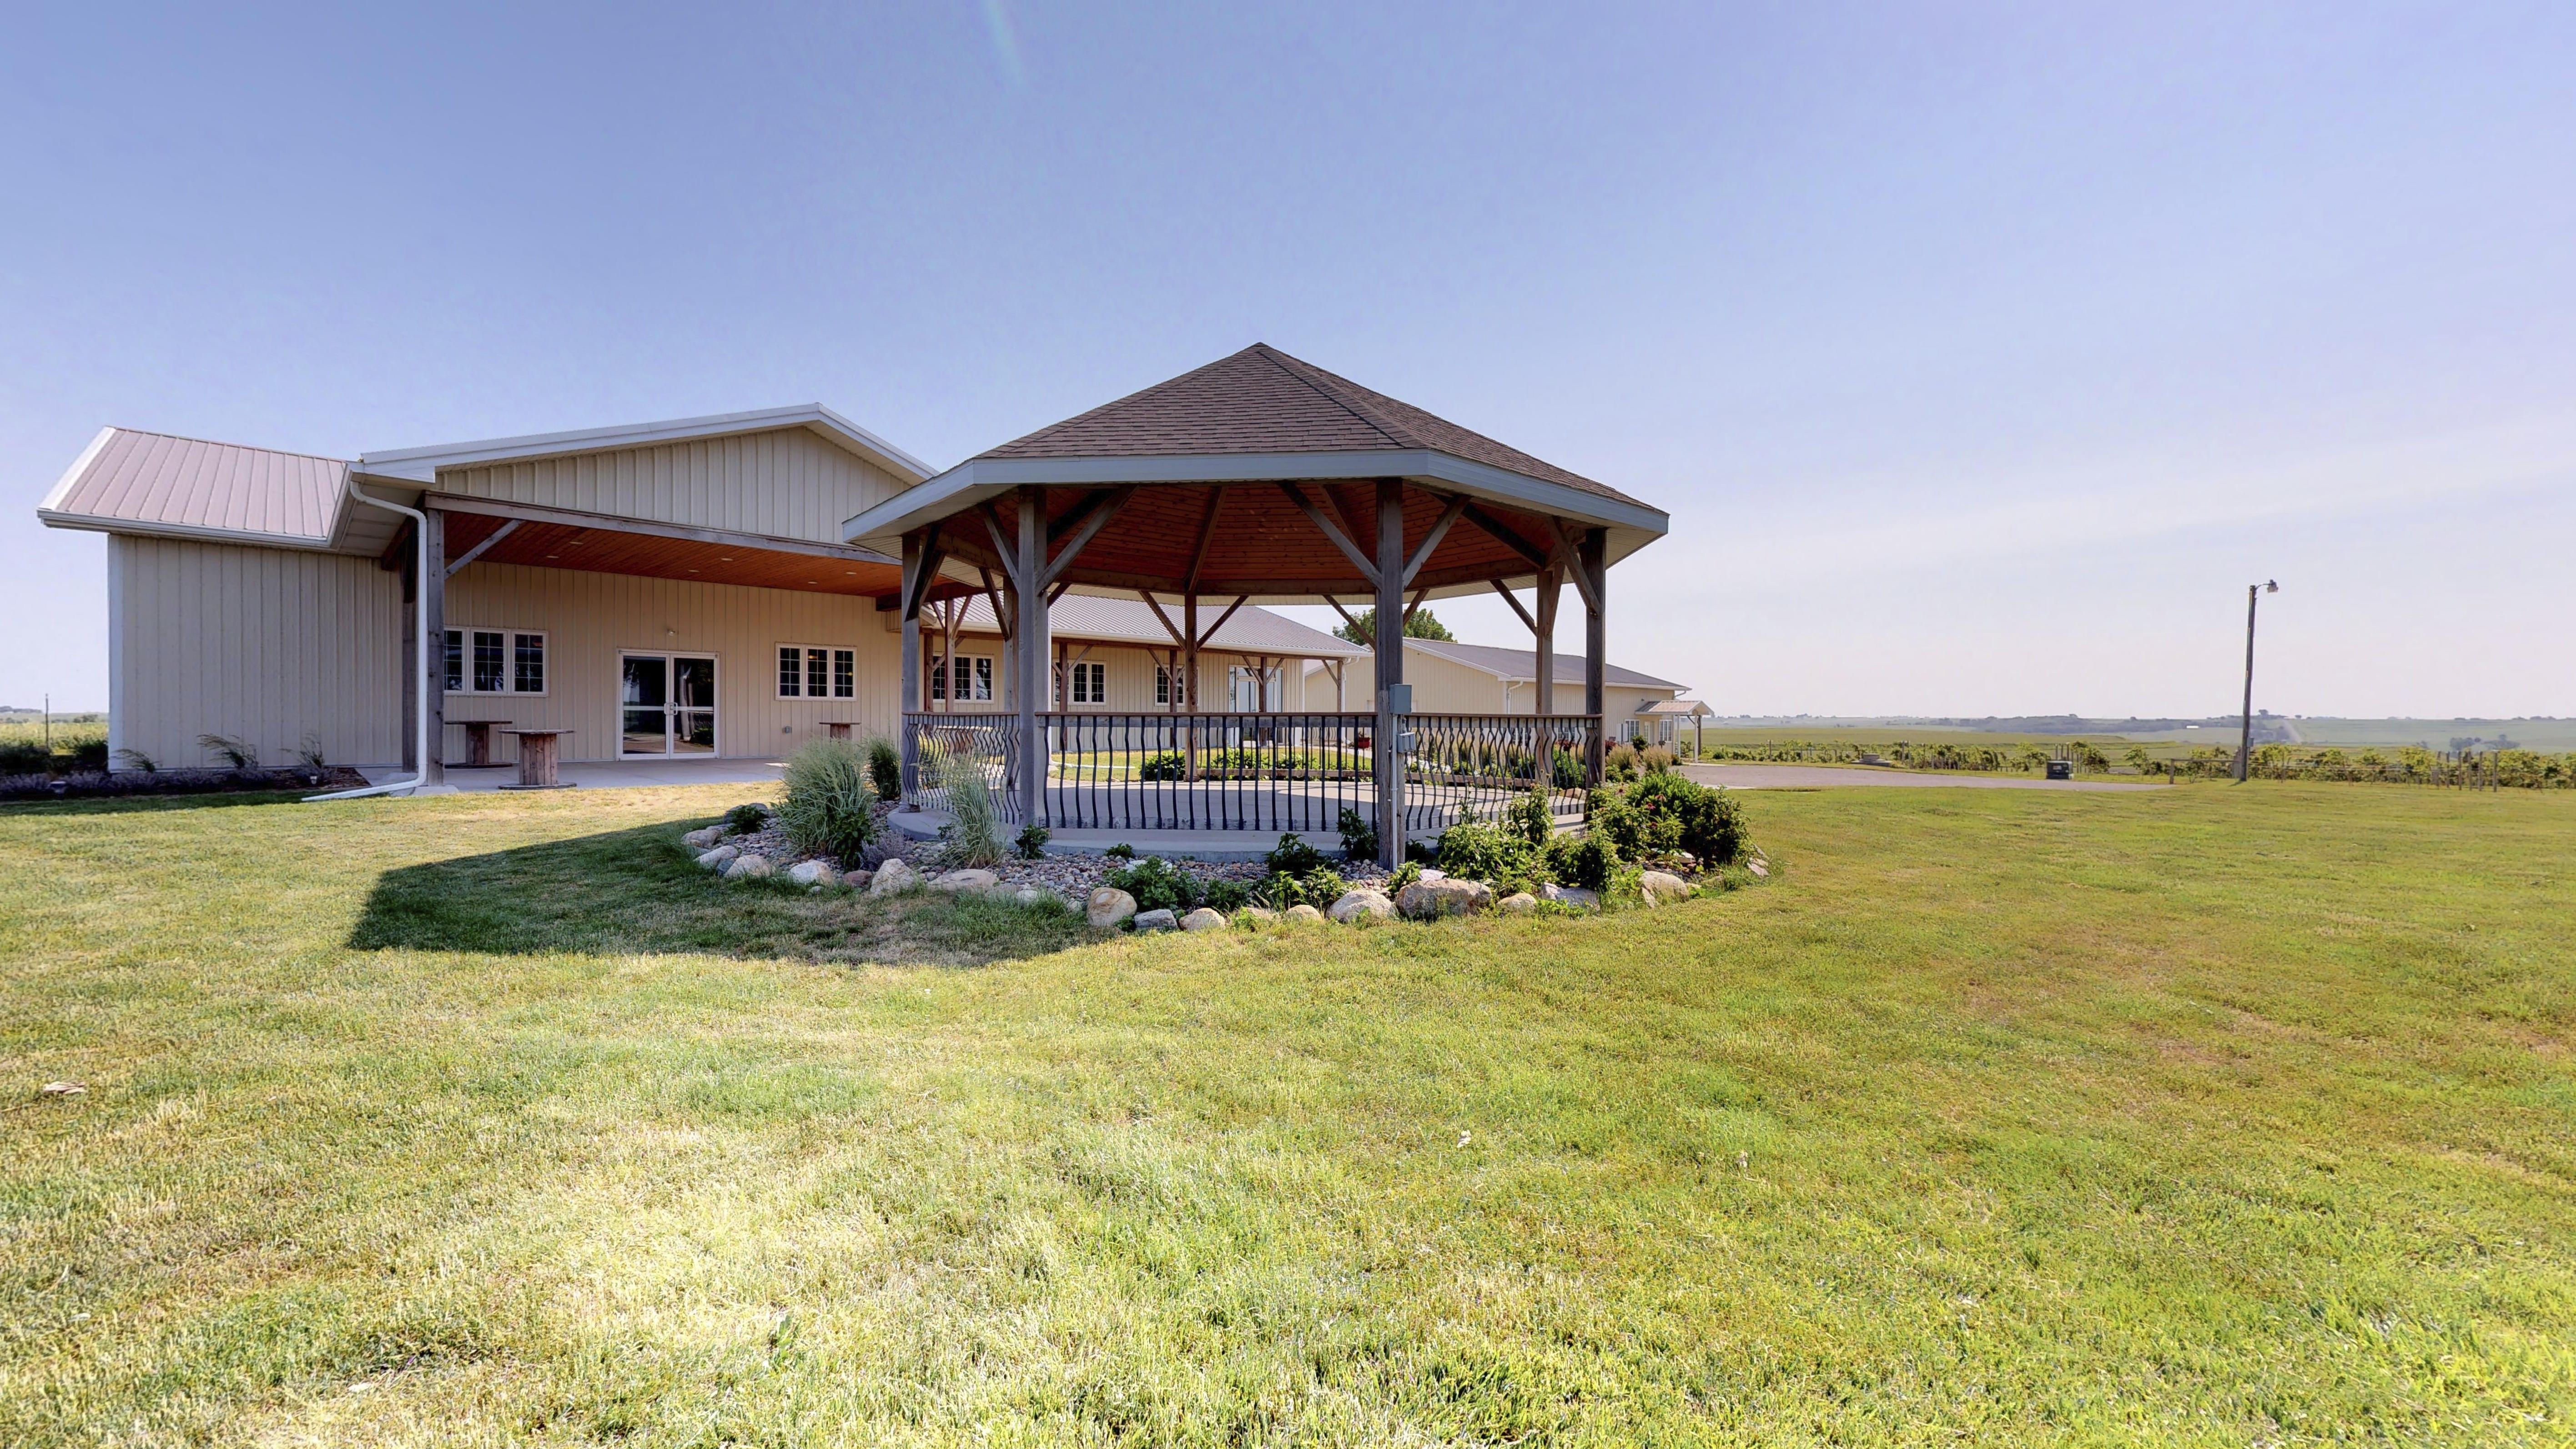 Prairie Crossing Vineyard & Winery 3D Model